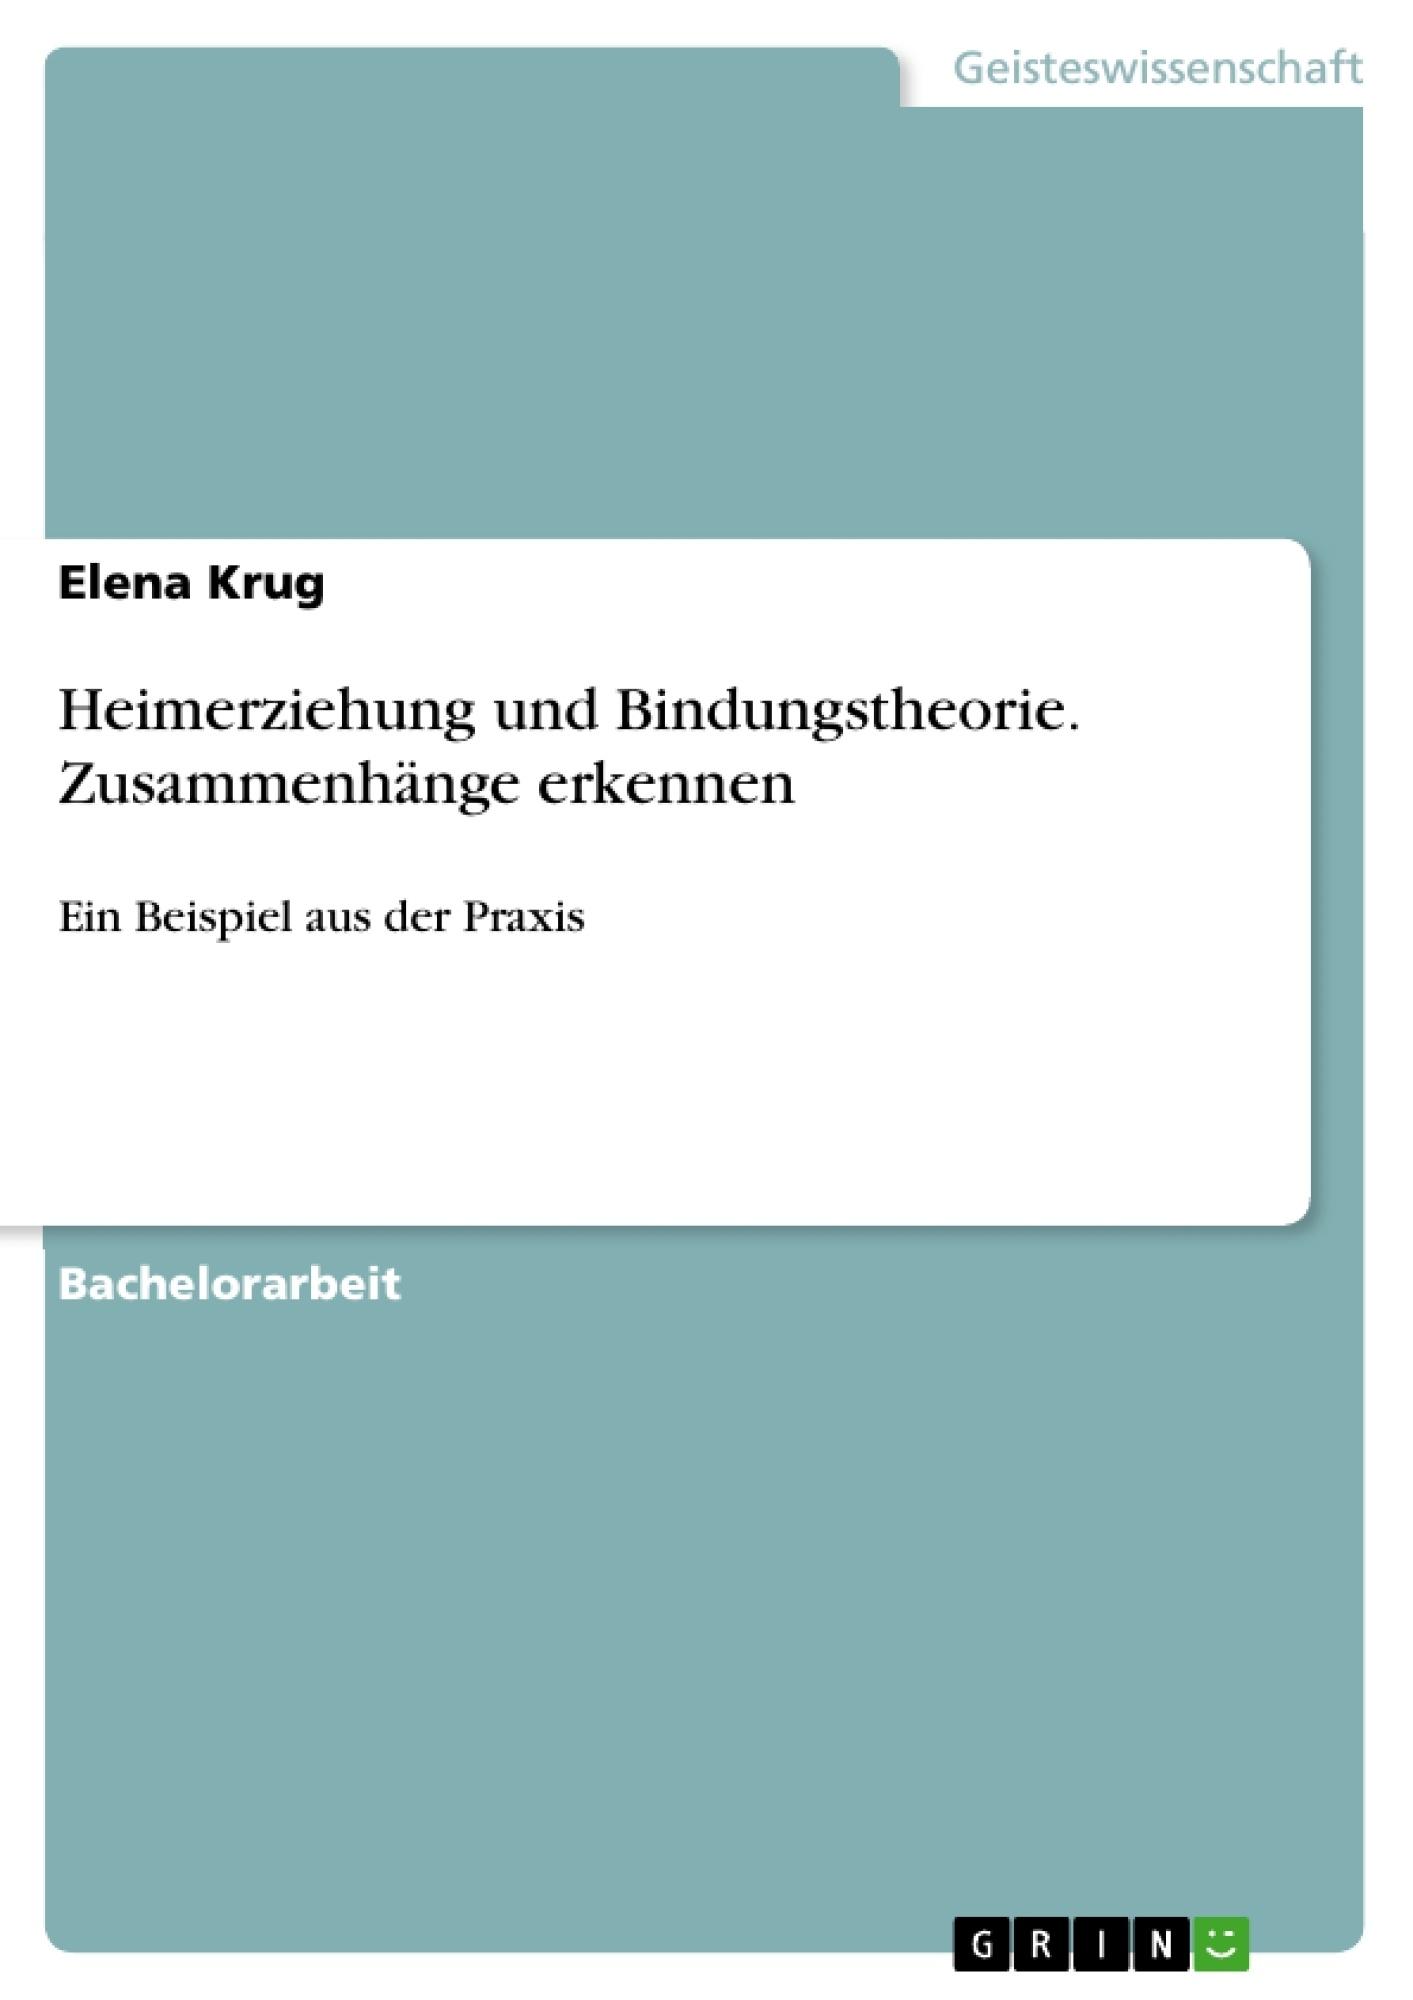 Titel: Heimerziehung und Bindungstheorie. Zusammenhänge erkennen